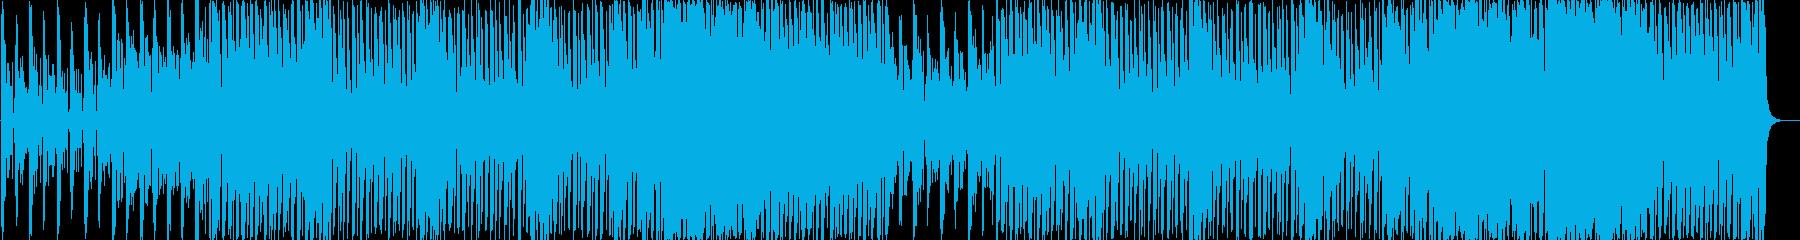 伝統的なフォークバルカンエア。の再生済みの波形